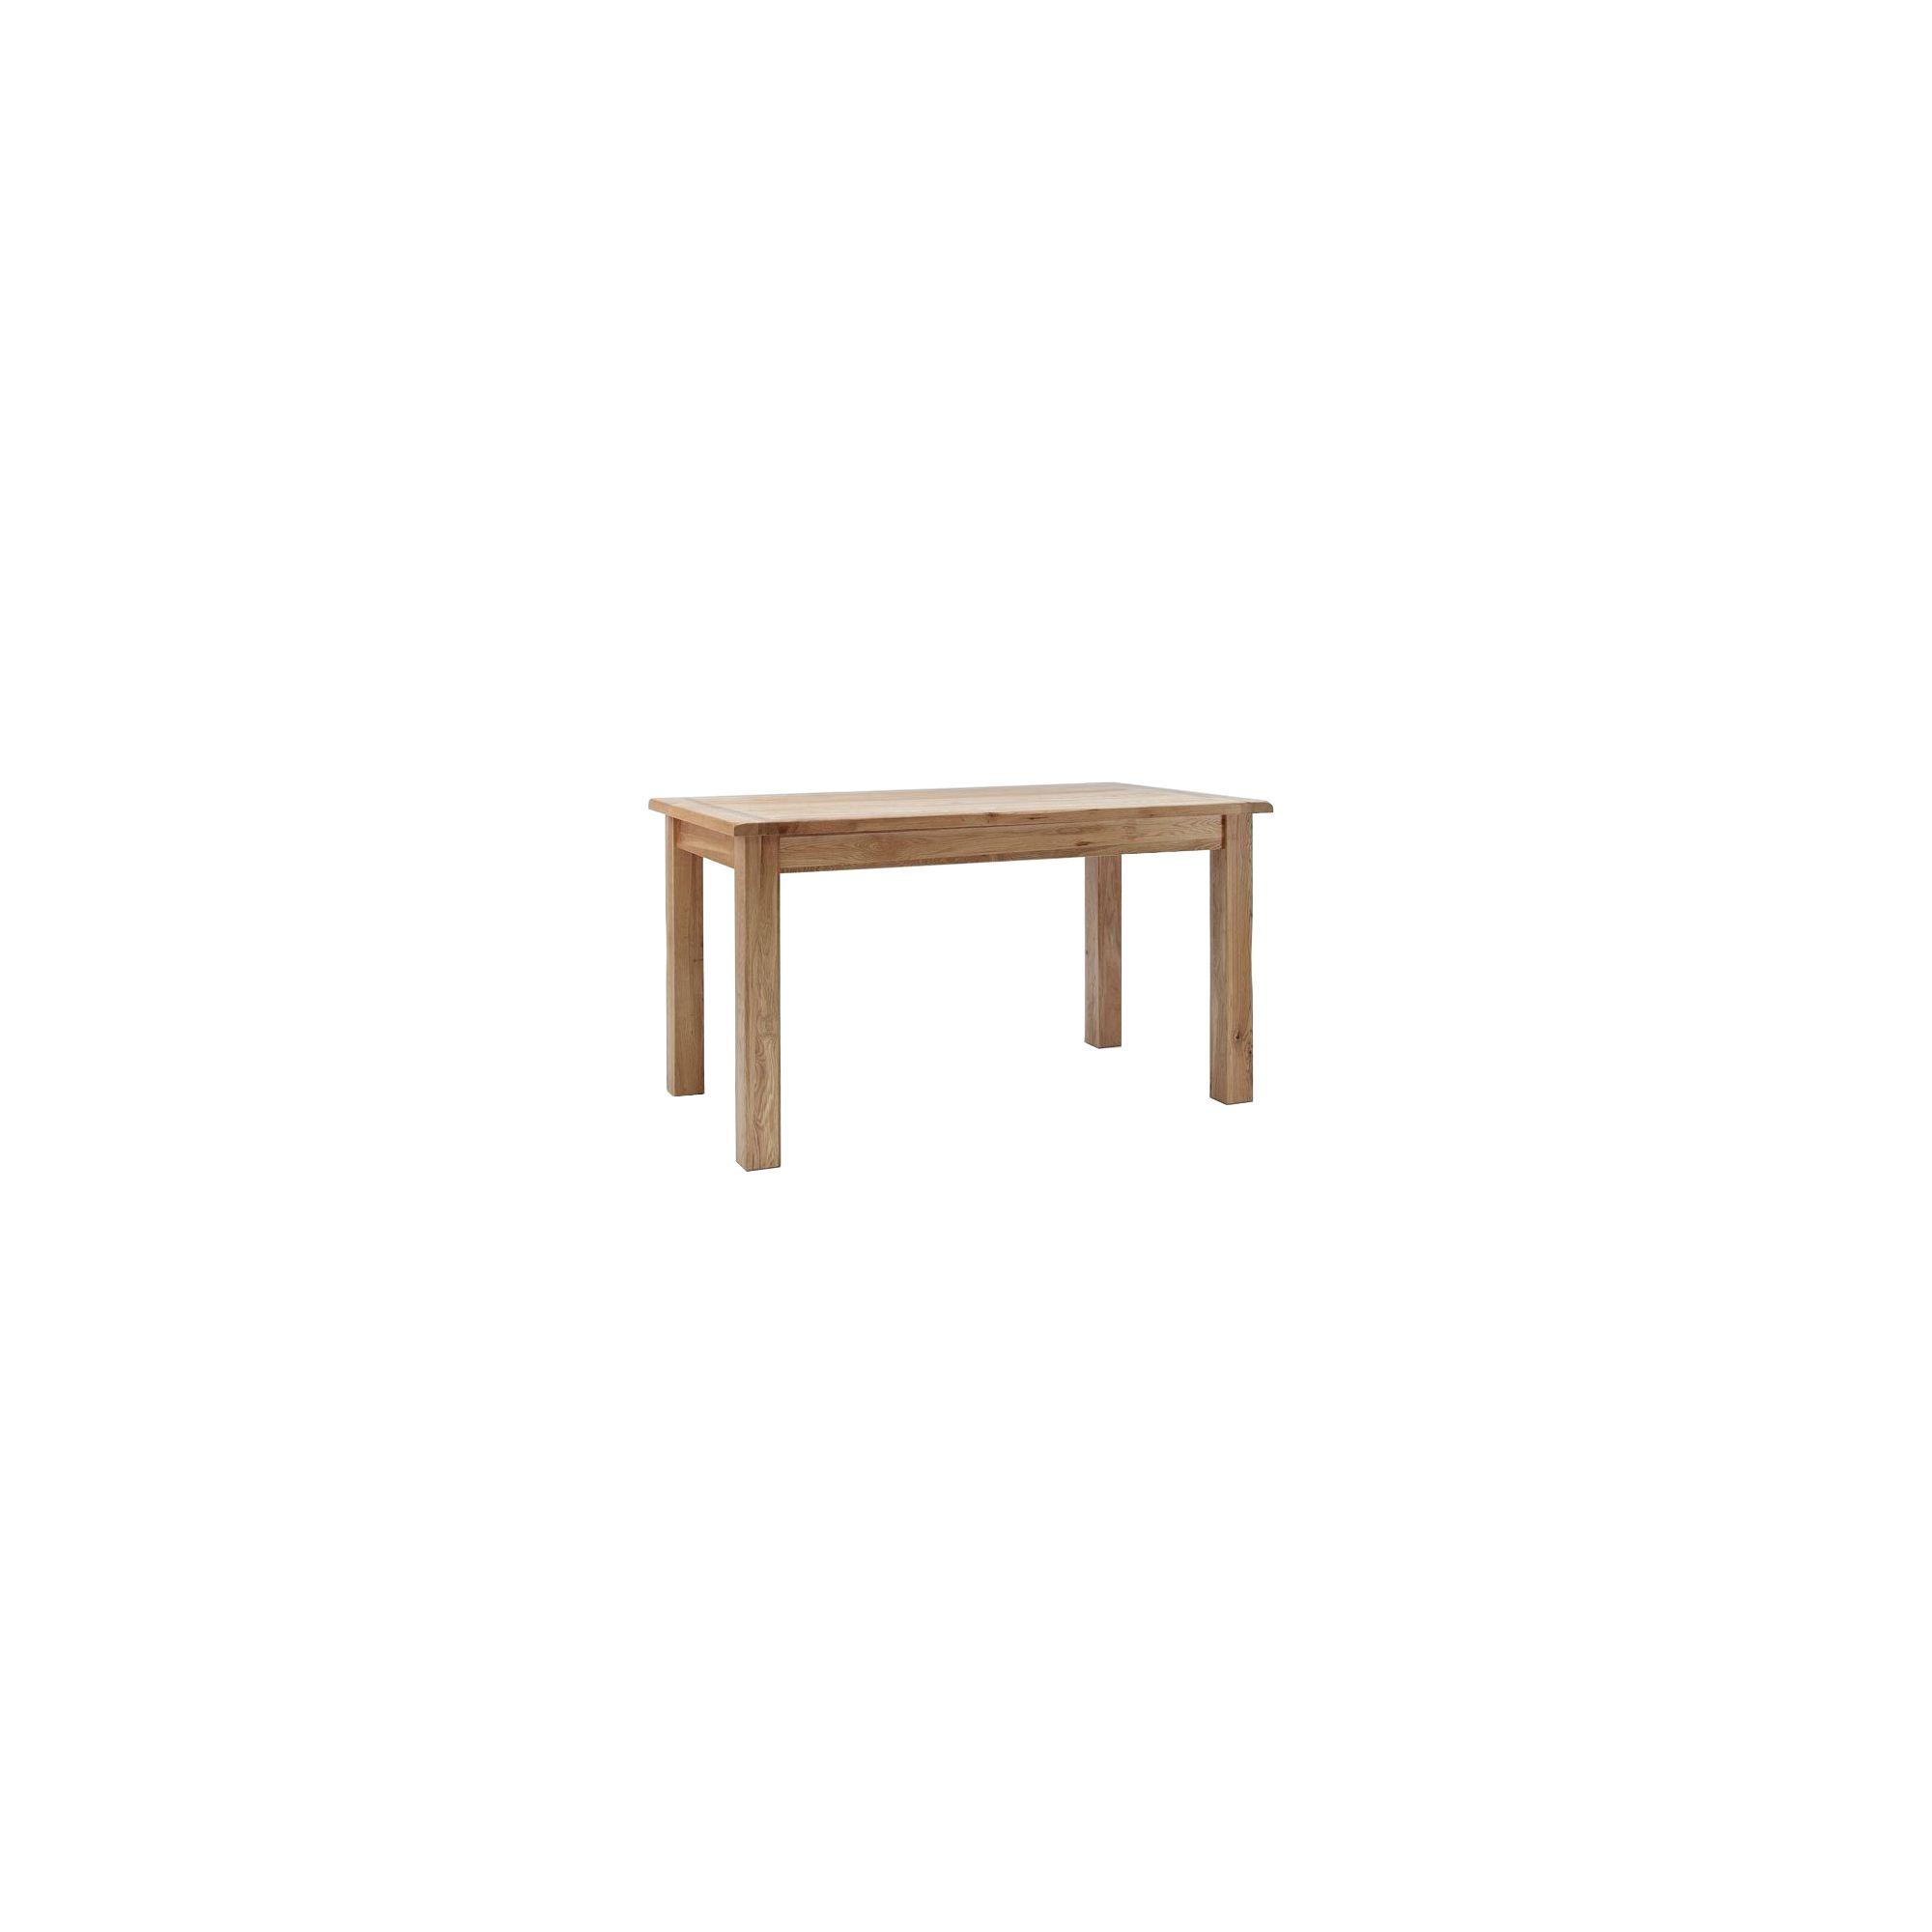 Westbury Reclaimed Oak Dining Table - 140 cm